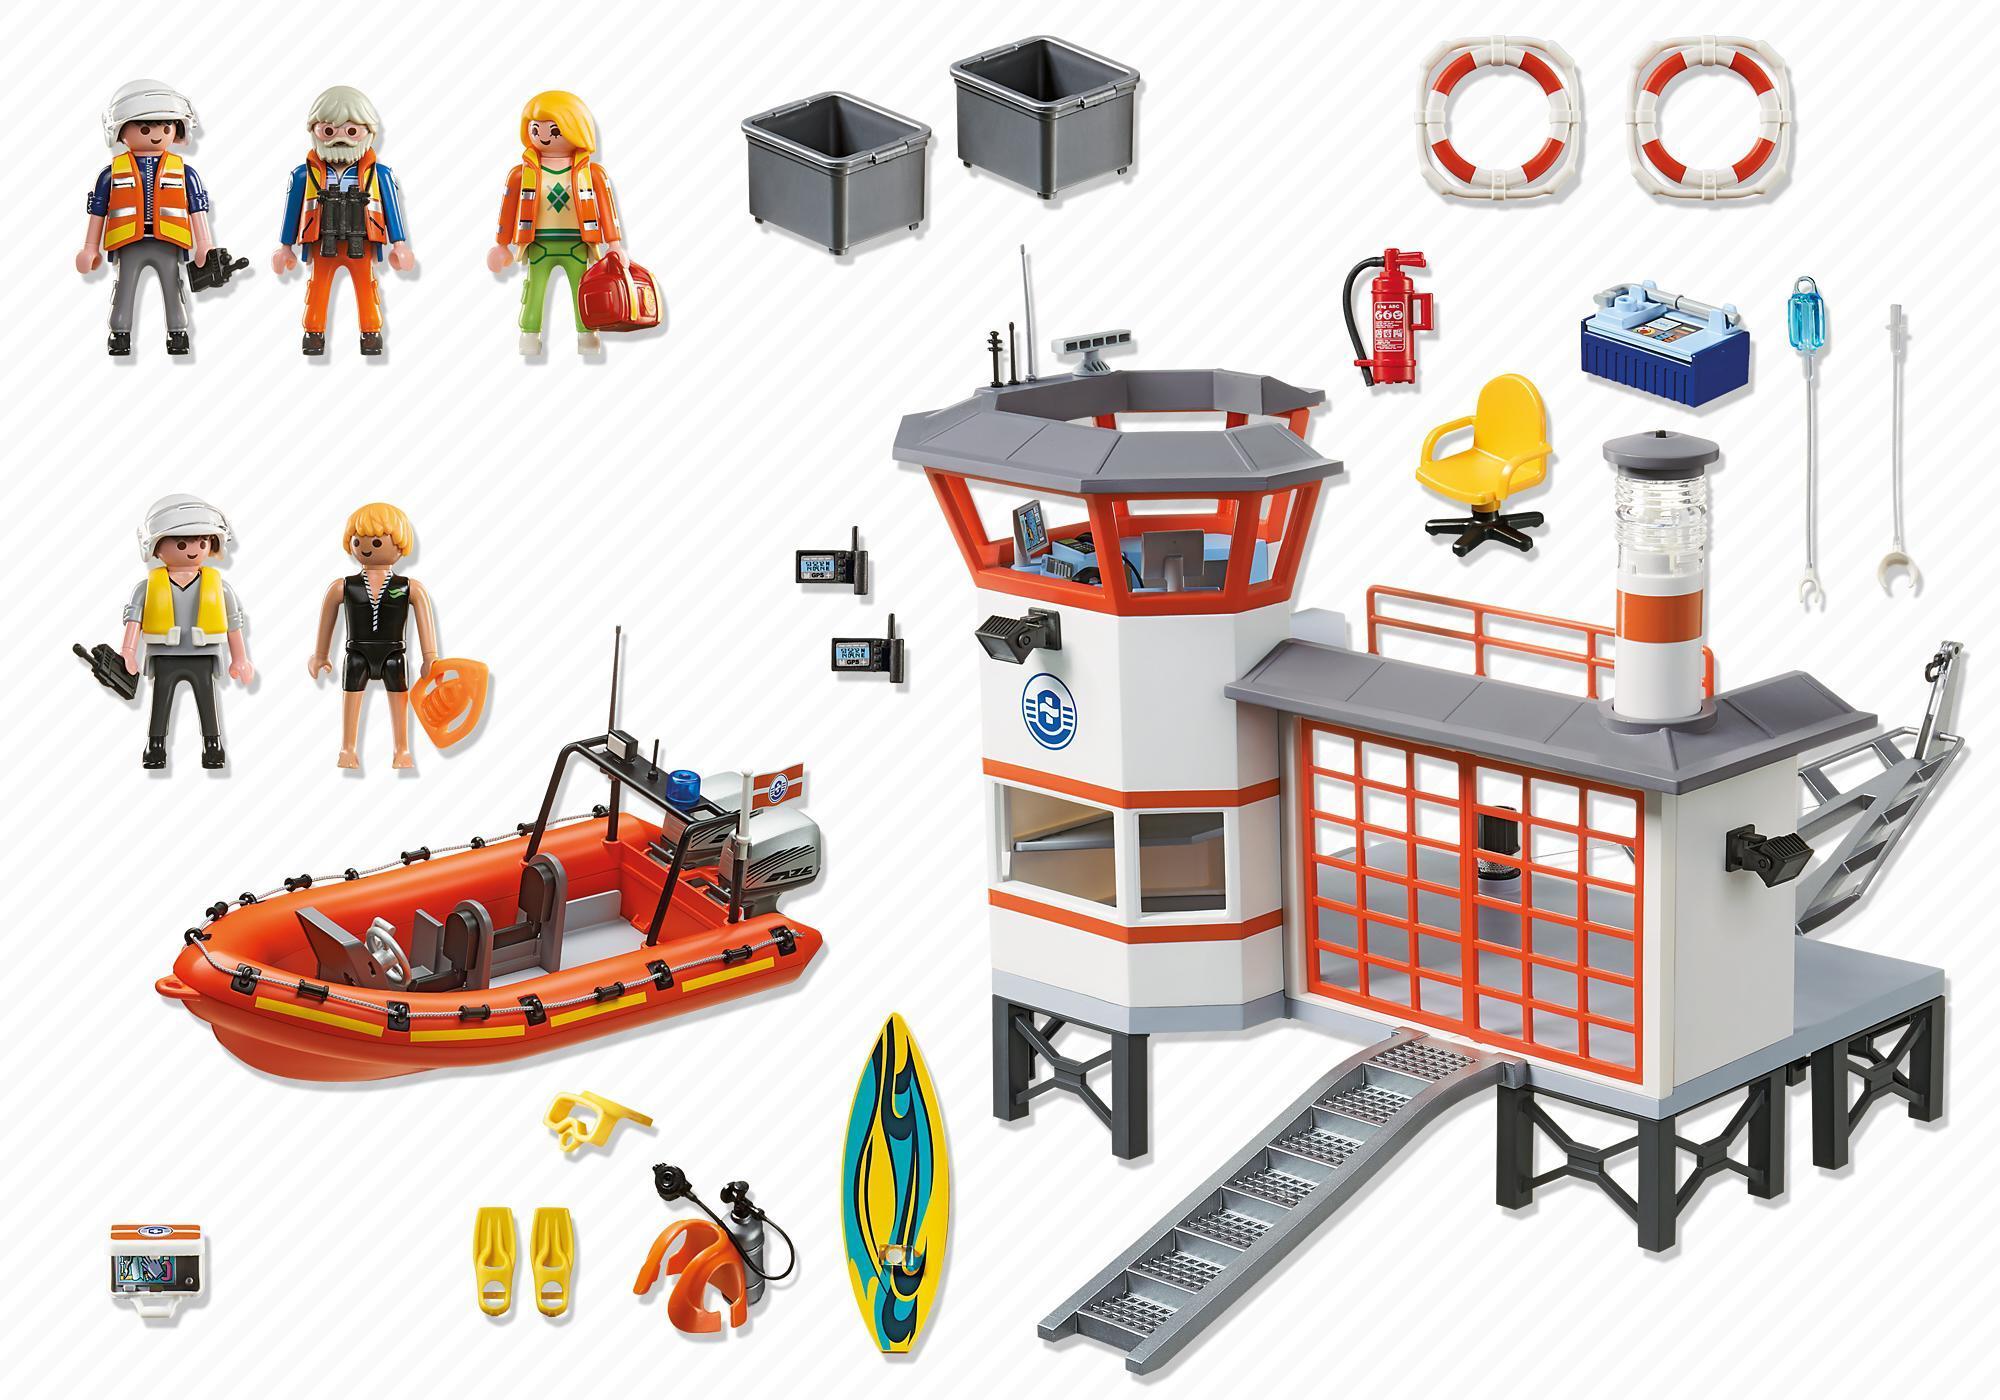 http://media.playmobil.com/i/playmobil/5539_product_box_back/Posto da Guarda costeira com Farol